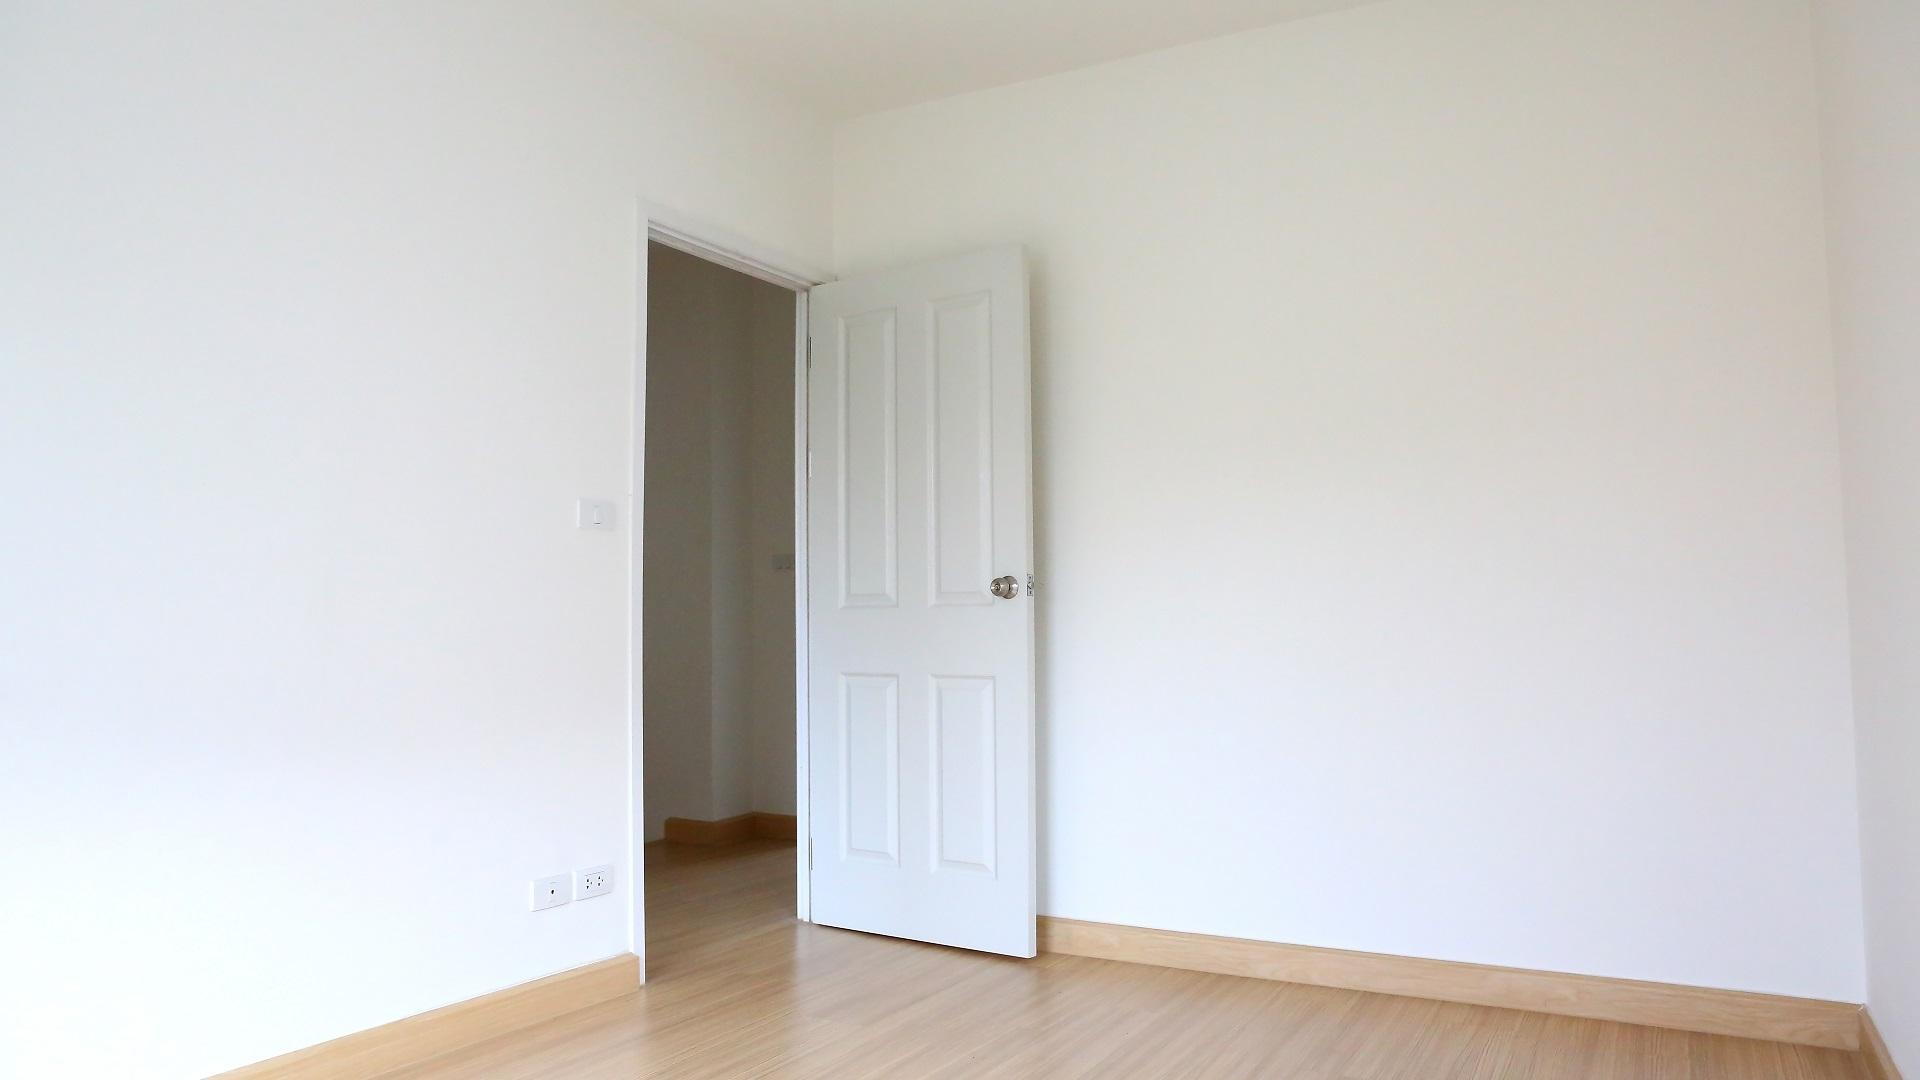 Fourniture et pose de porte d'intérieur